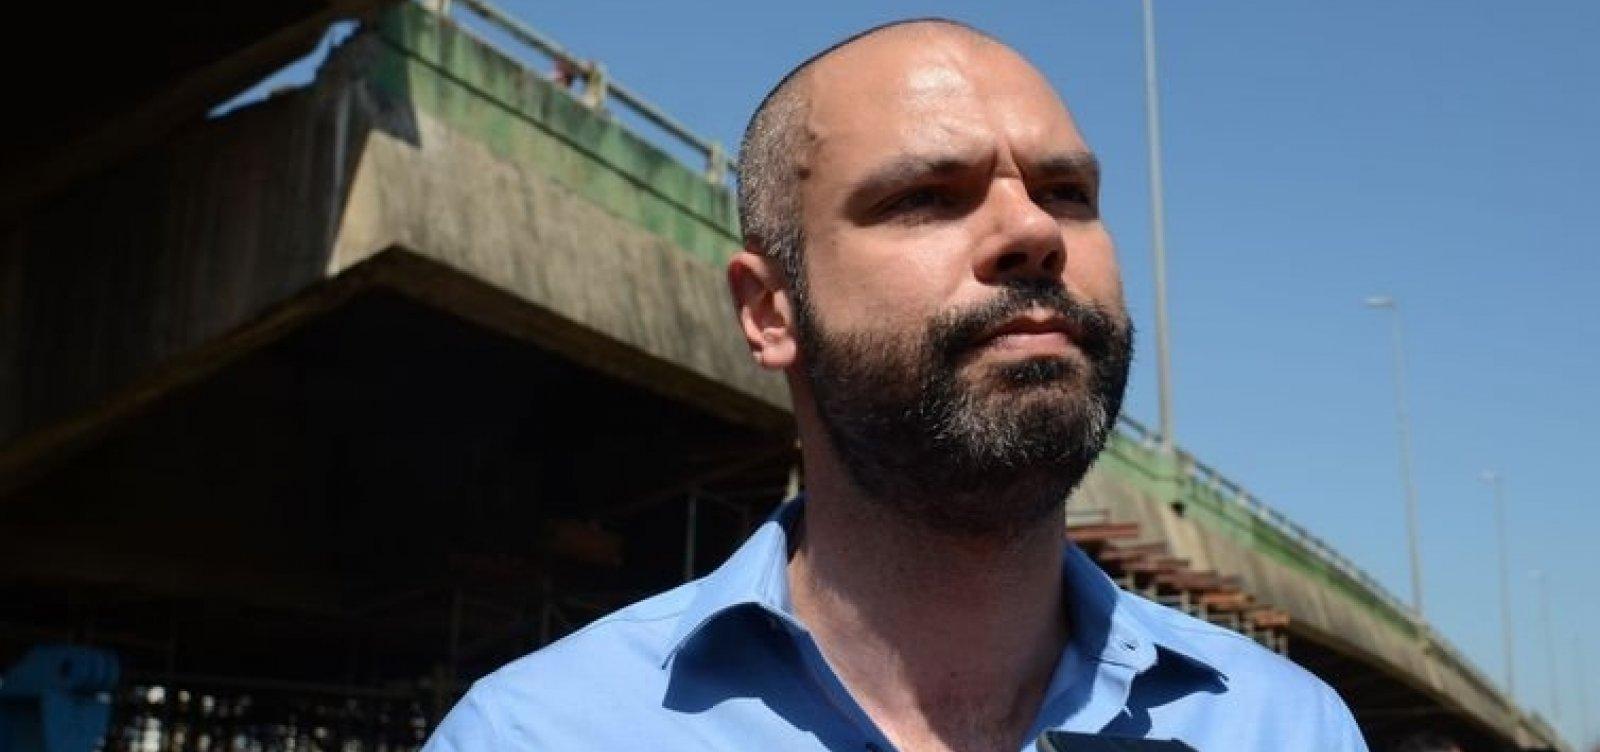 Bruno Covas recebe alta após 22 dias internado